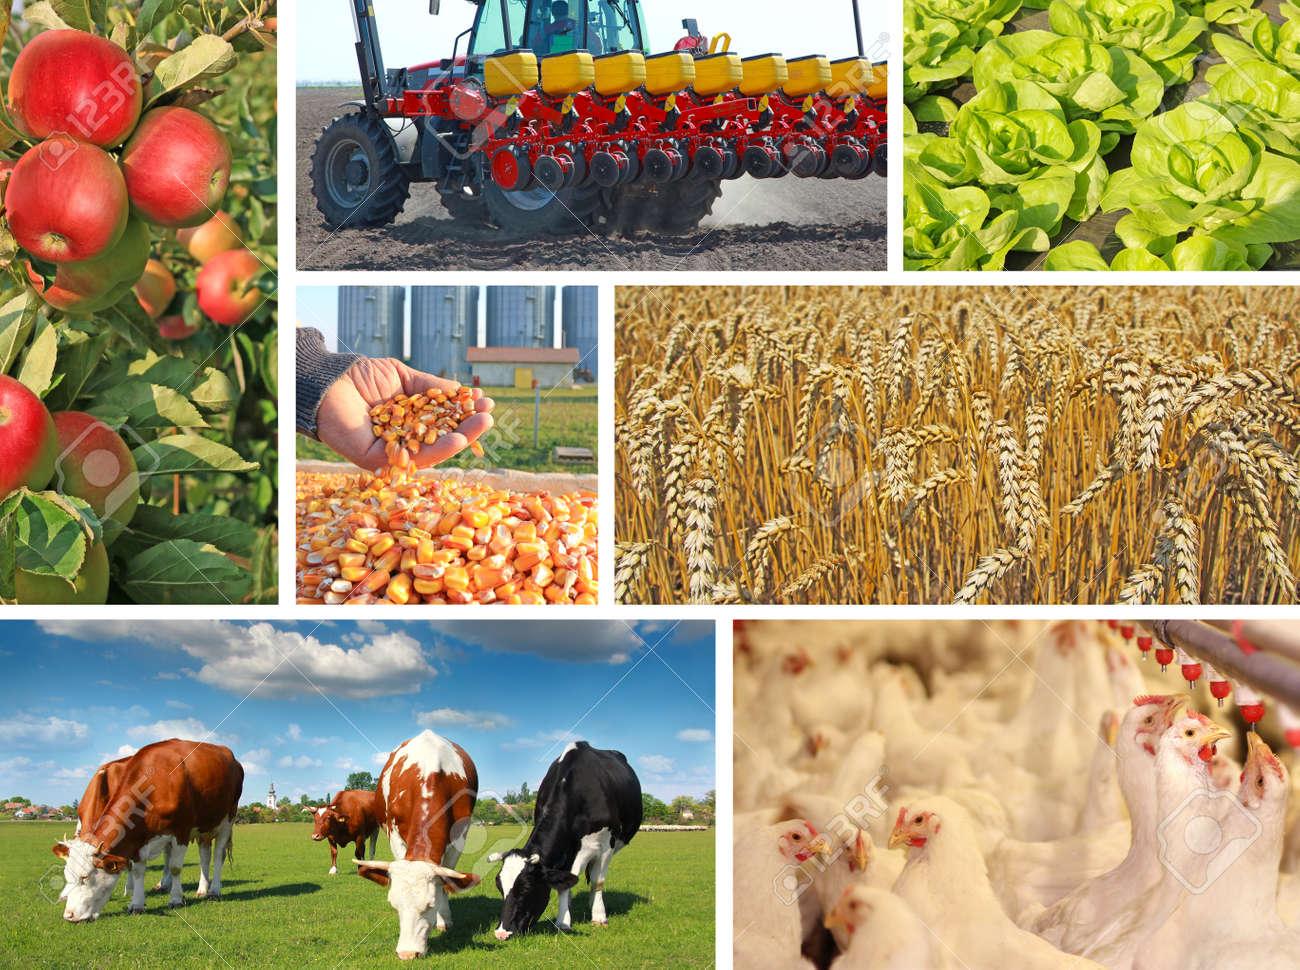 Сельское хозяйство Украины уничтожено?